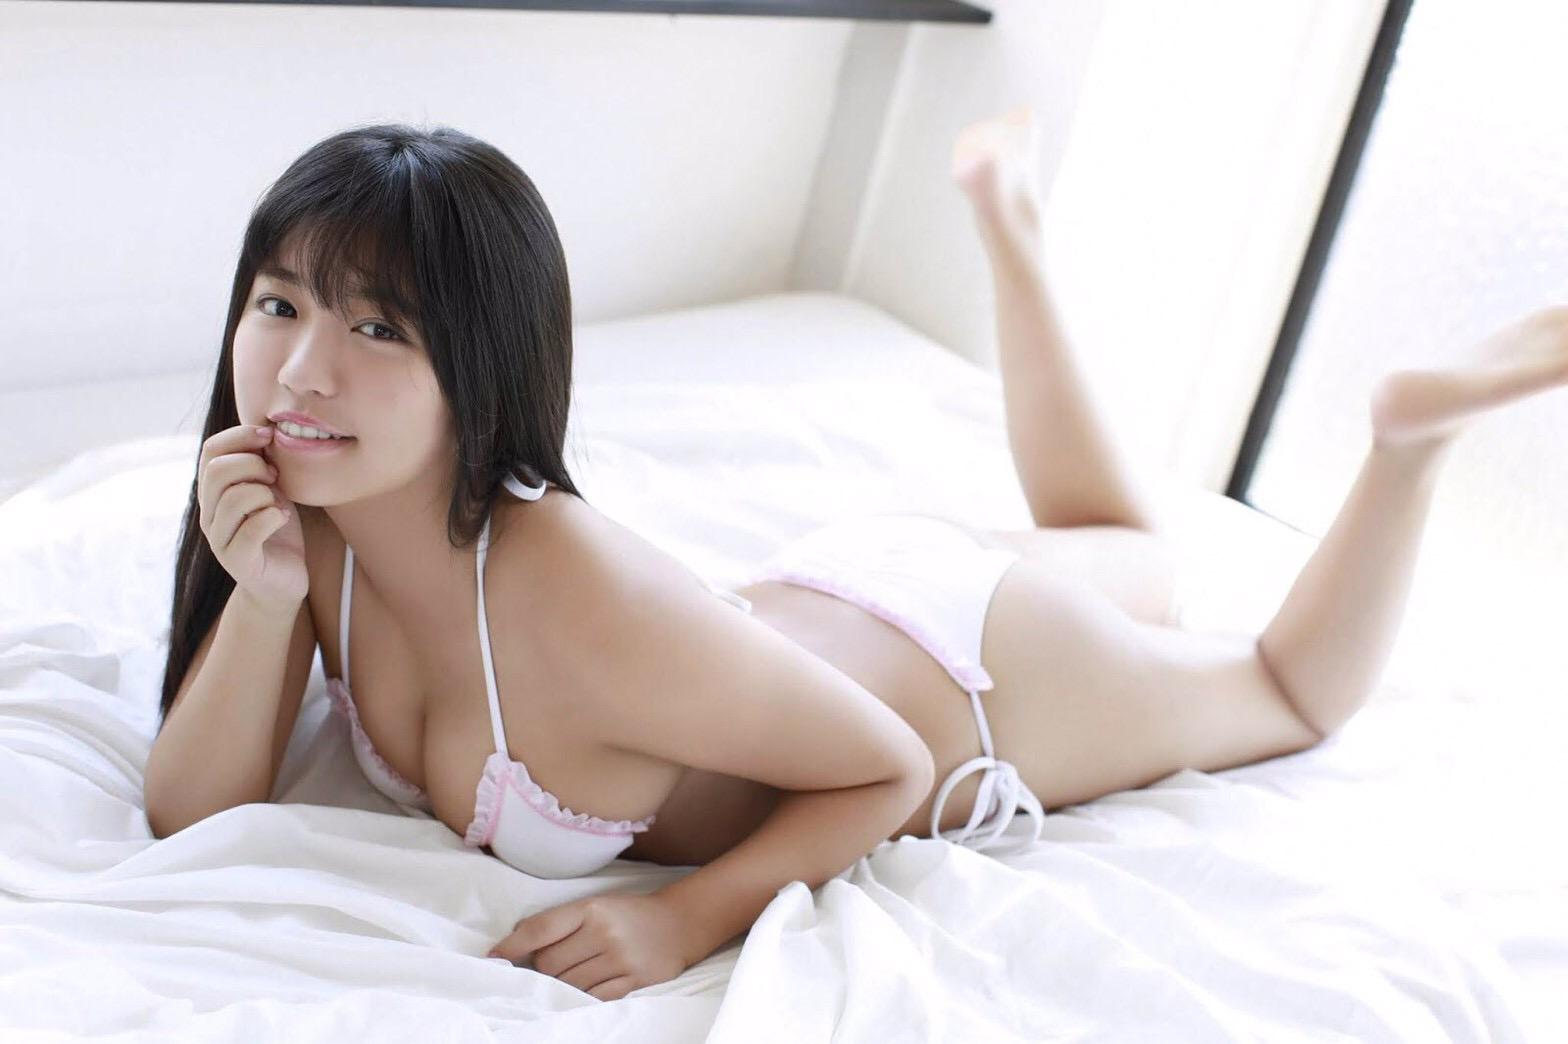 【画像】人気グラドル・大原優乃さん、父親に新作写真集をガン見される